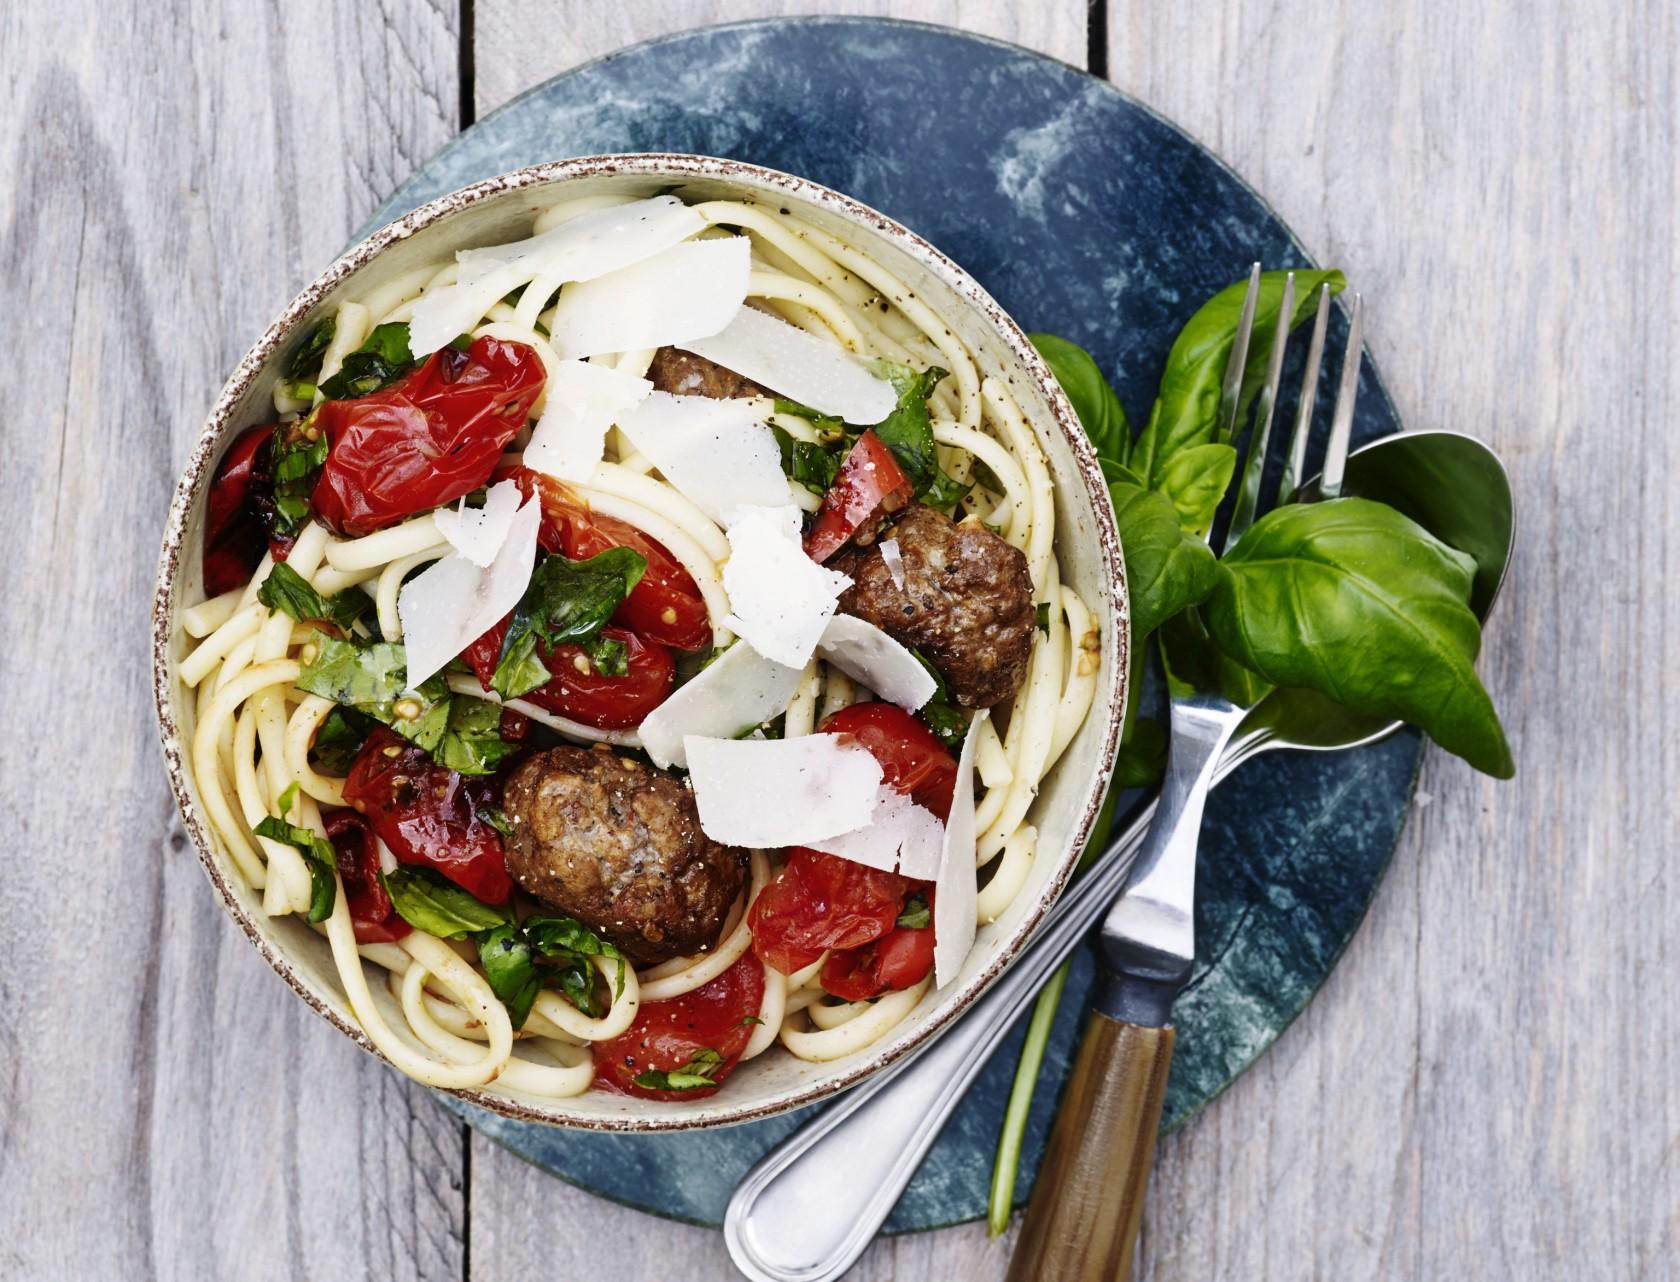 Kødboller med pasta og stegte tomater - god opskrift på lækker hverdagsmad.